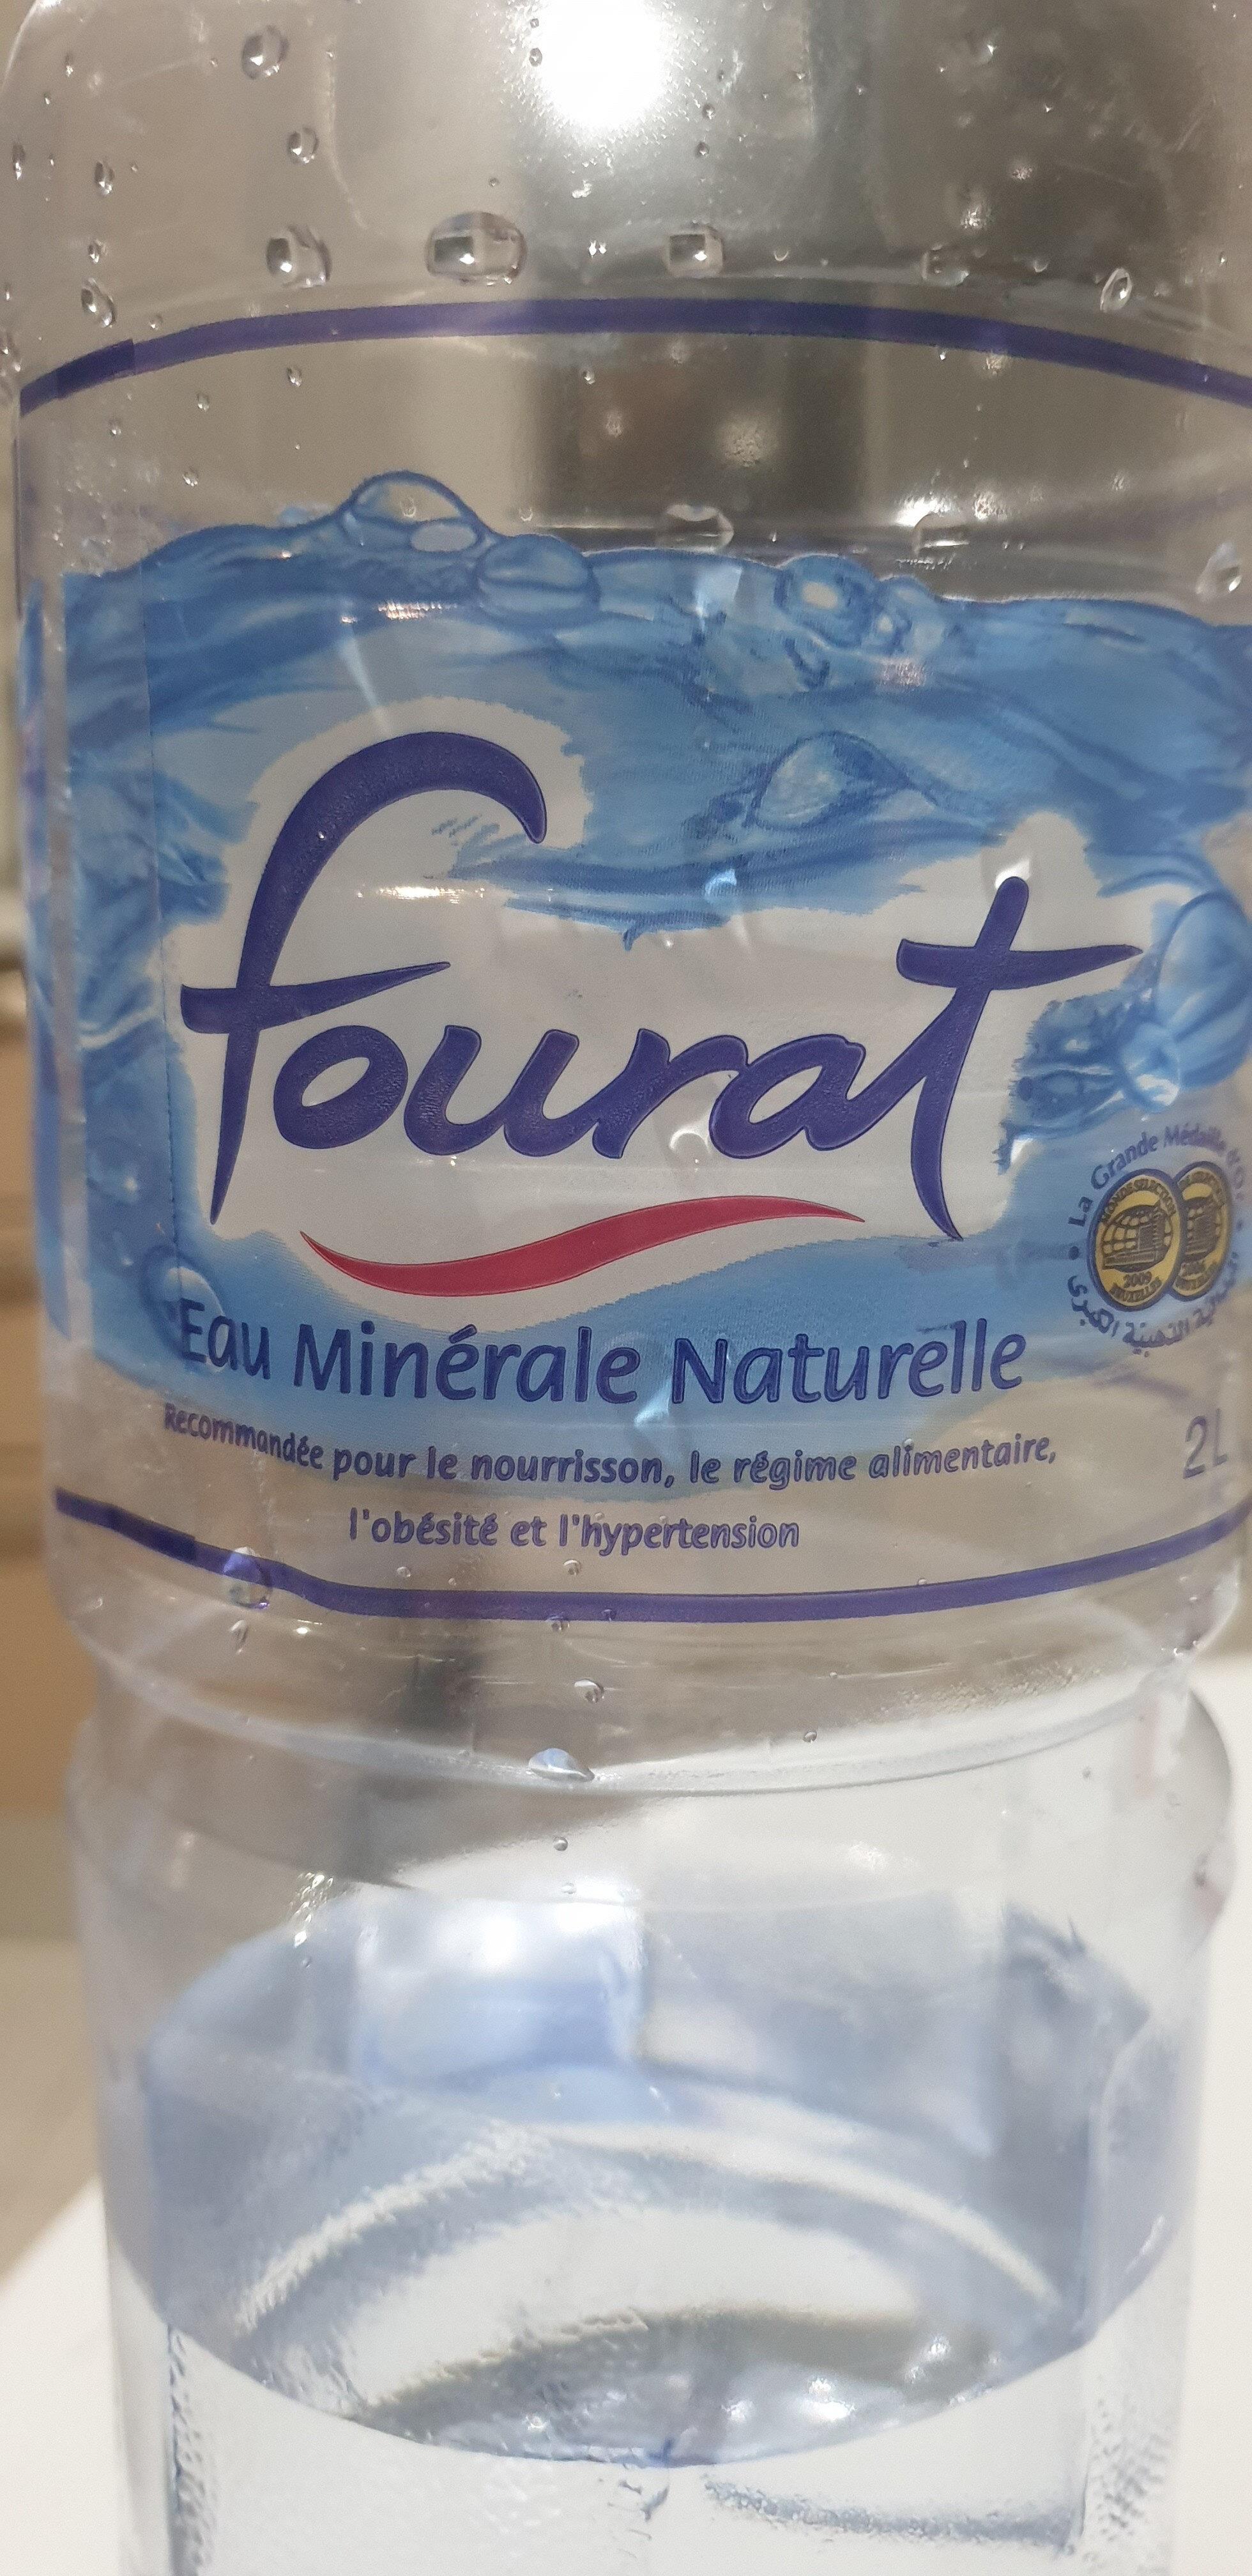 Fourat - نتاج - fr